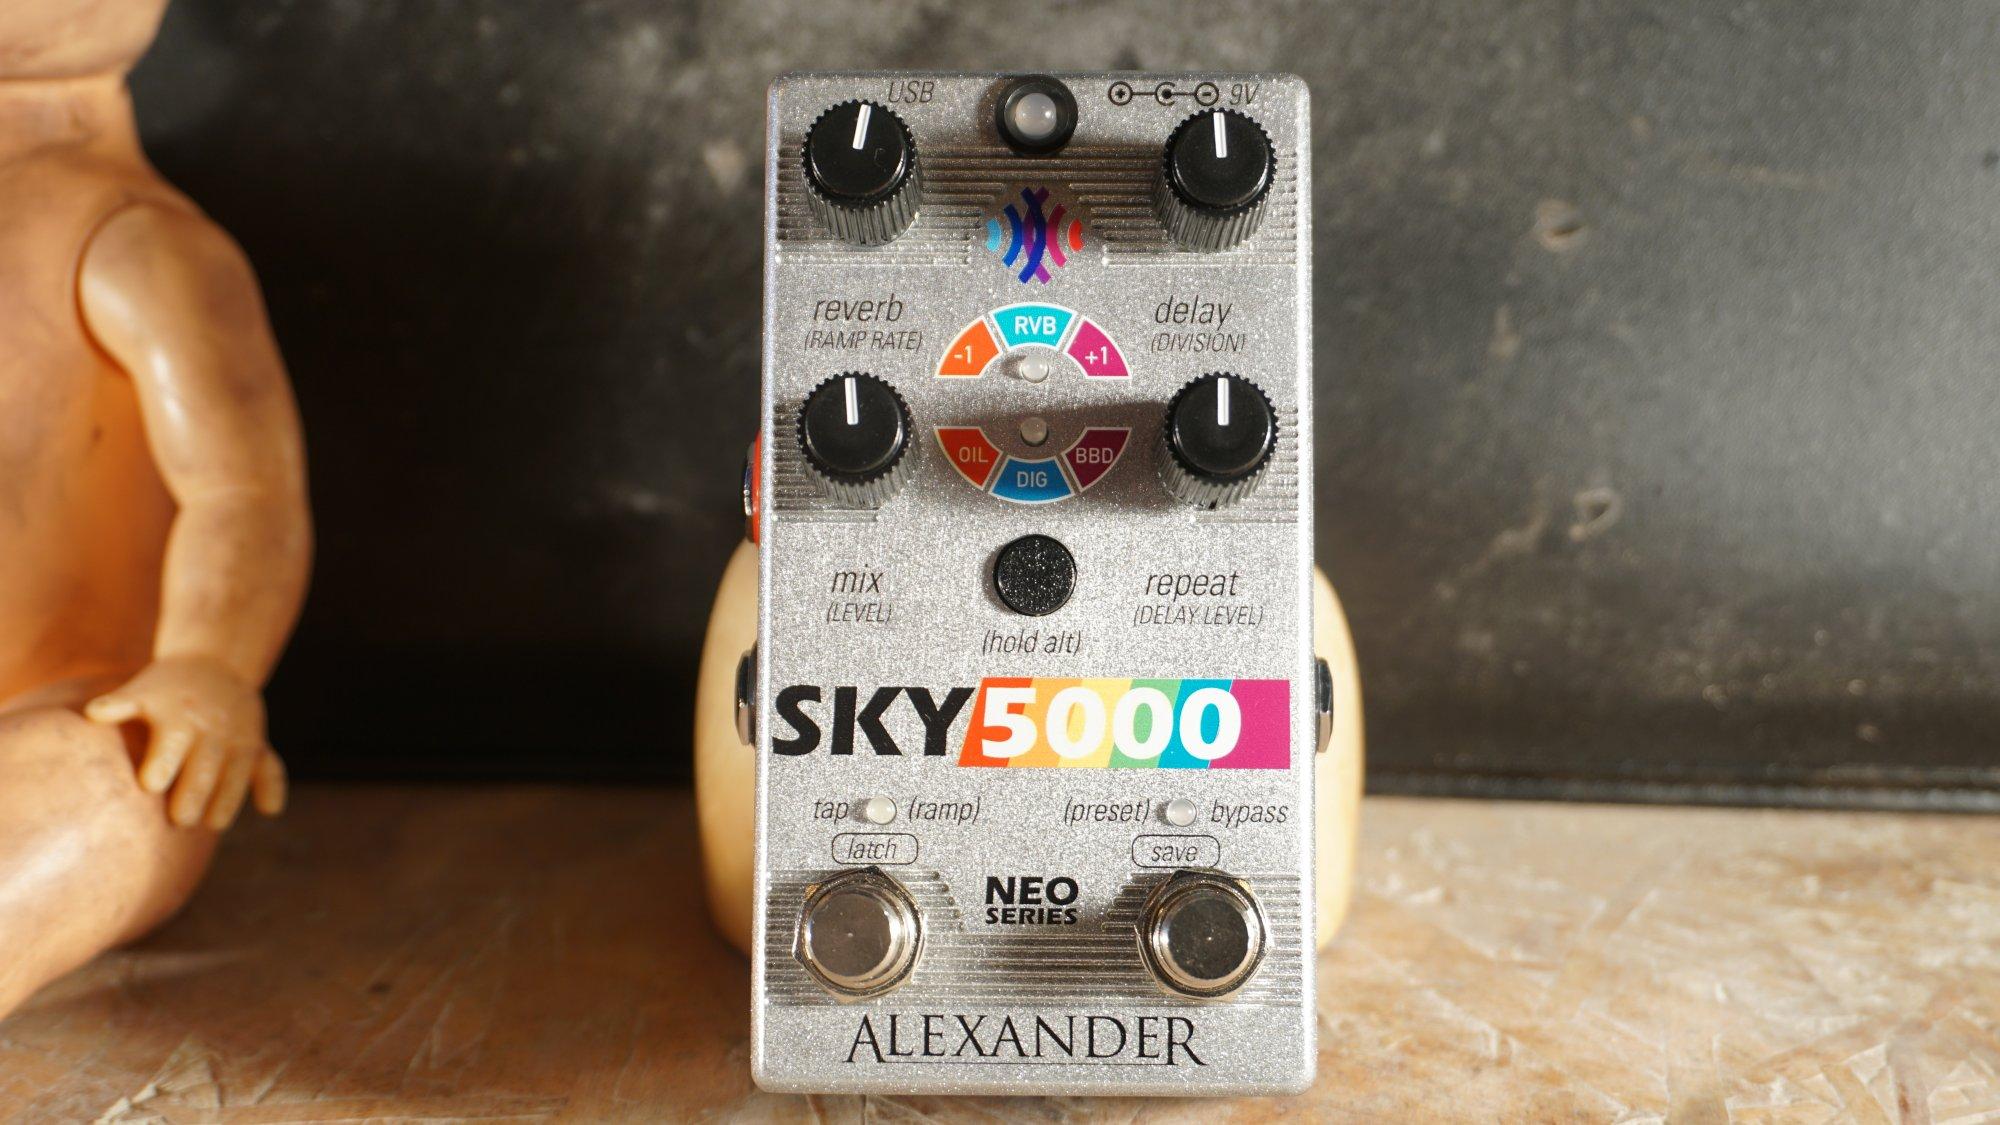 Sky 5000